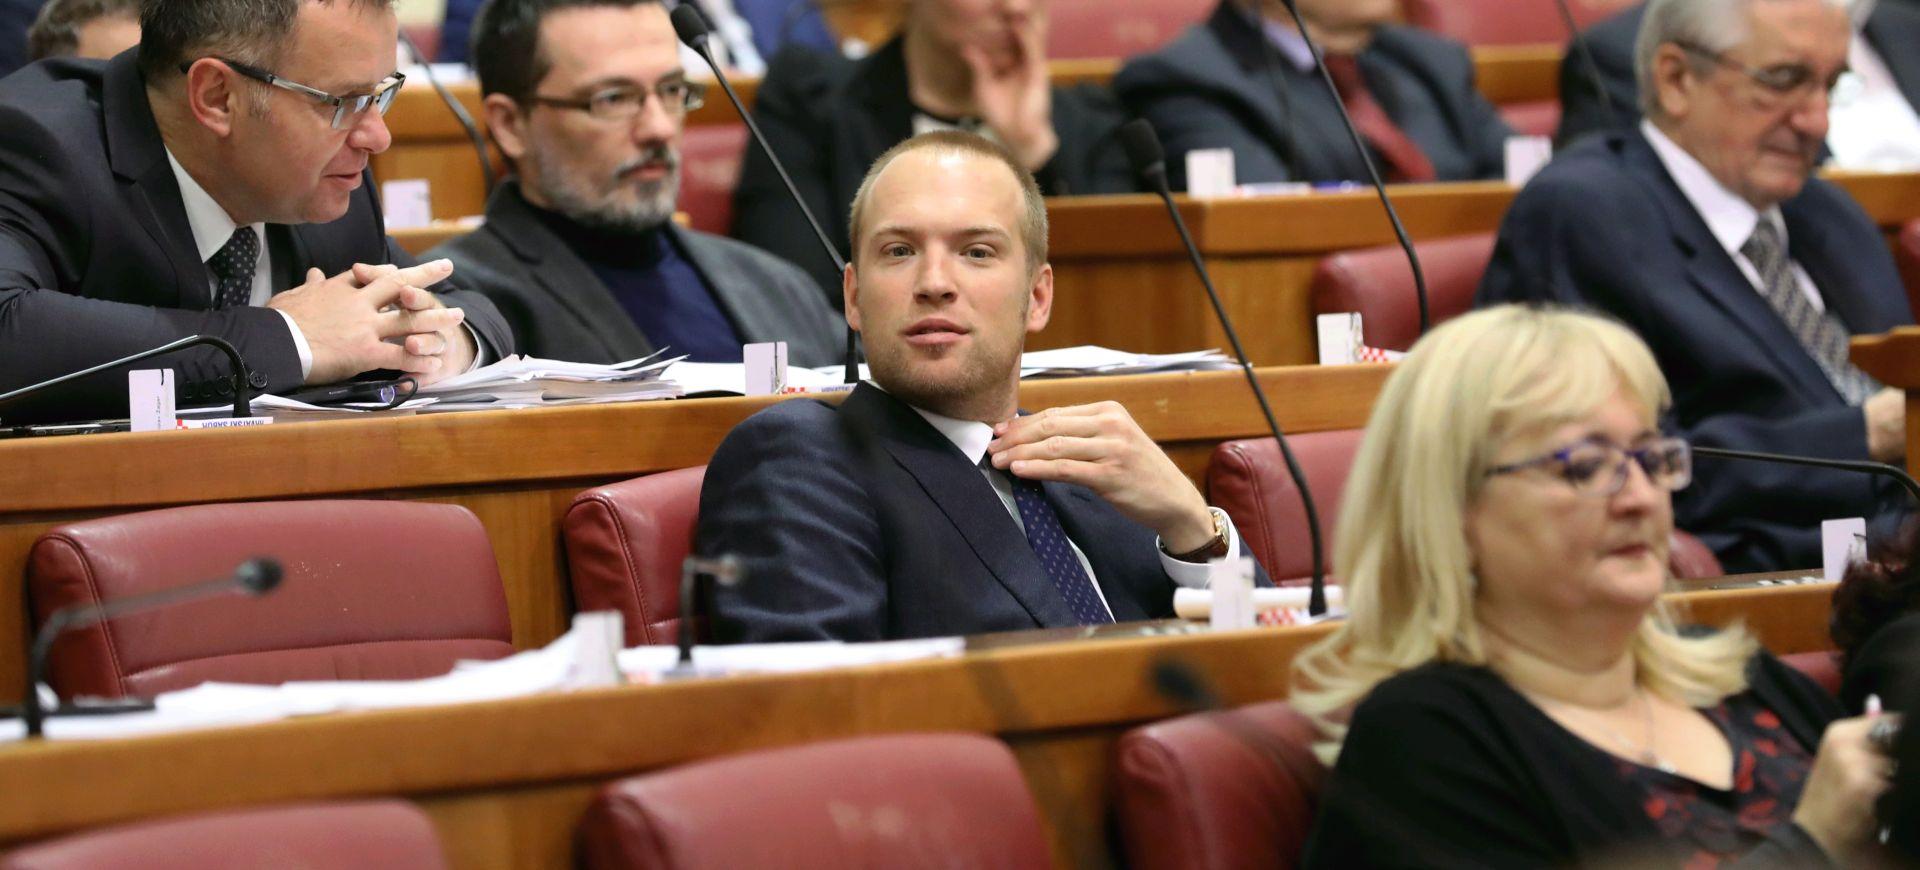 """VIDEO: SAUCHA SHOW U SABORU """"Bernardiću, ne morate ići na izbore, ja ću vam reći, velika ste truba"""""""